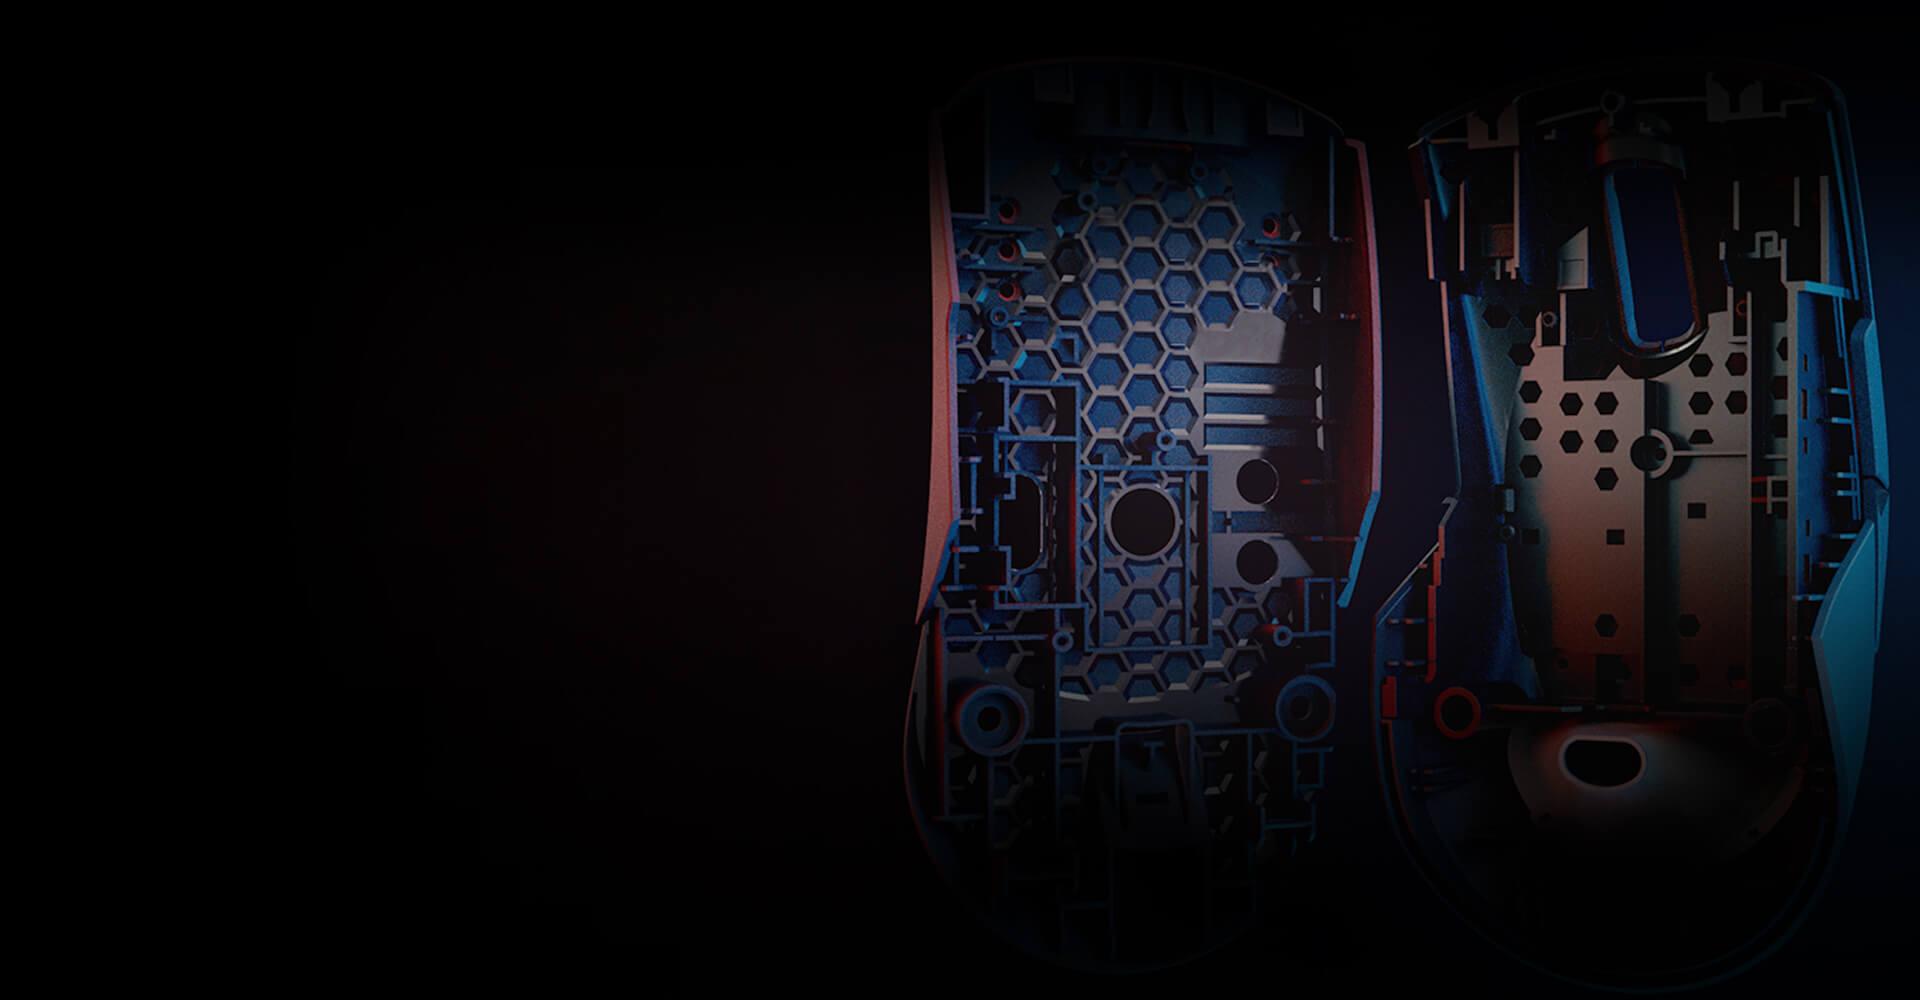 Chuột Asus ROG Keris (USB/RGB/màu đen) có thiết kế siêu nhẹ